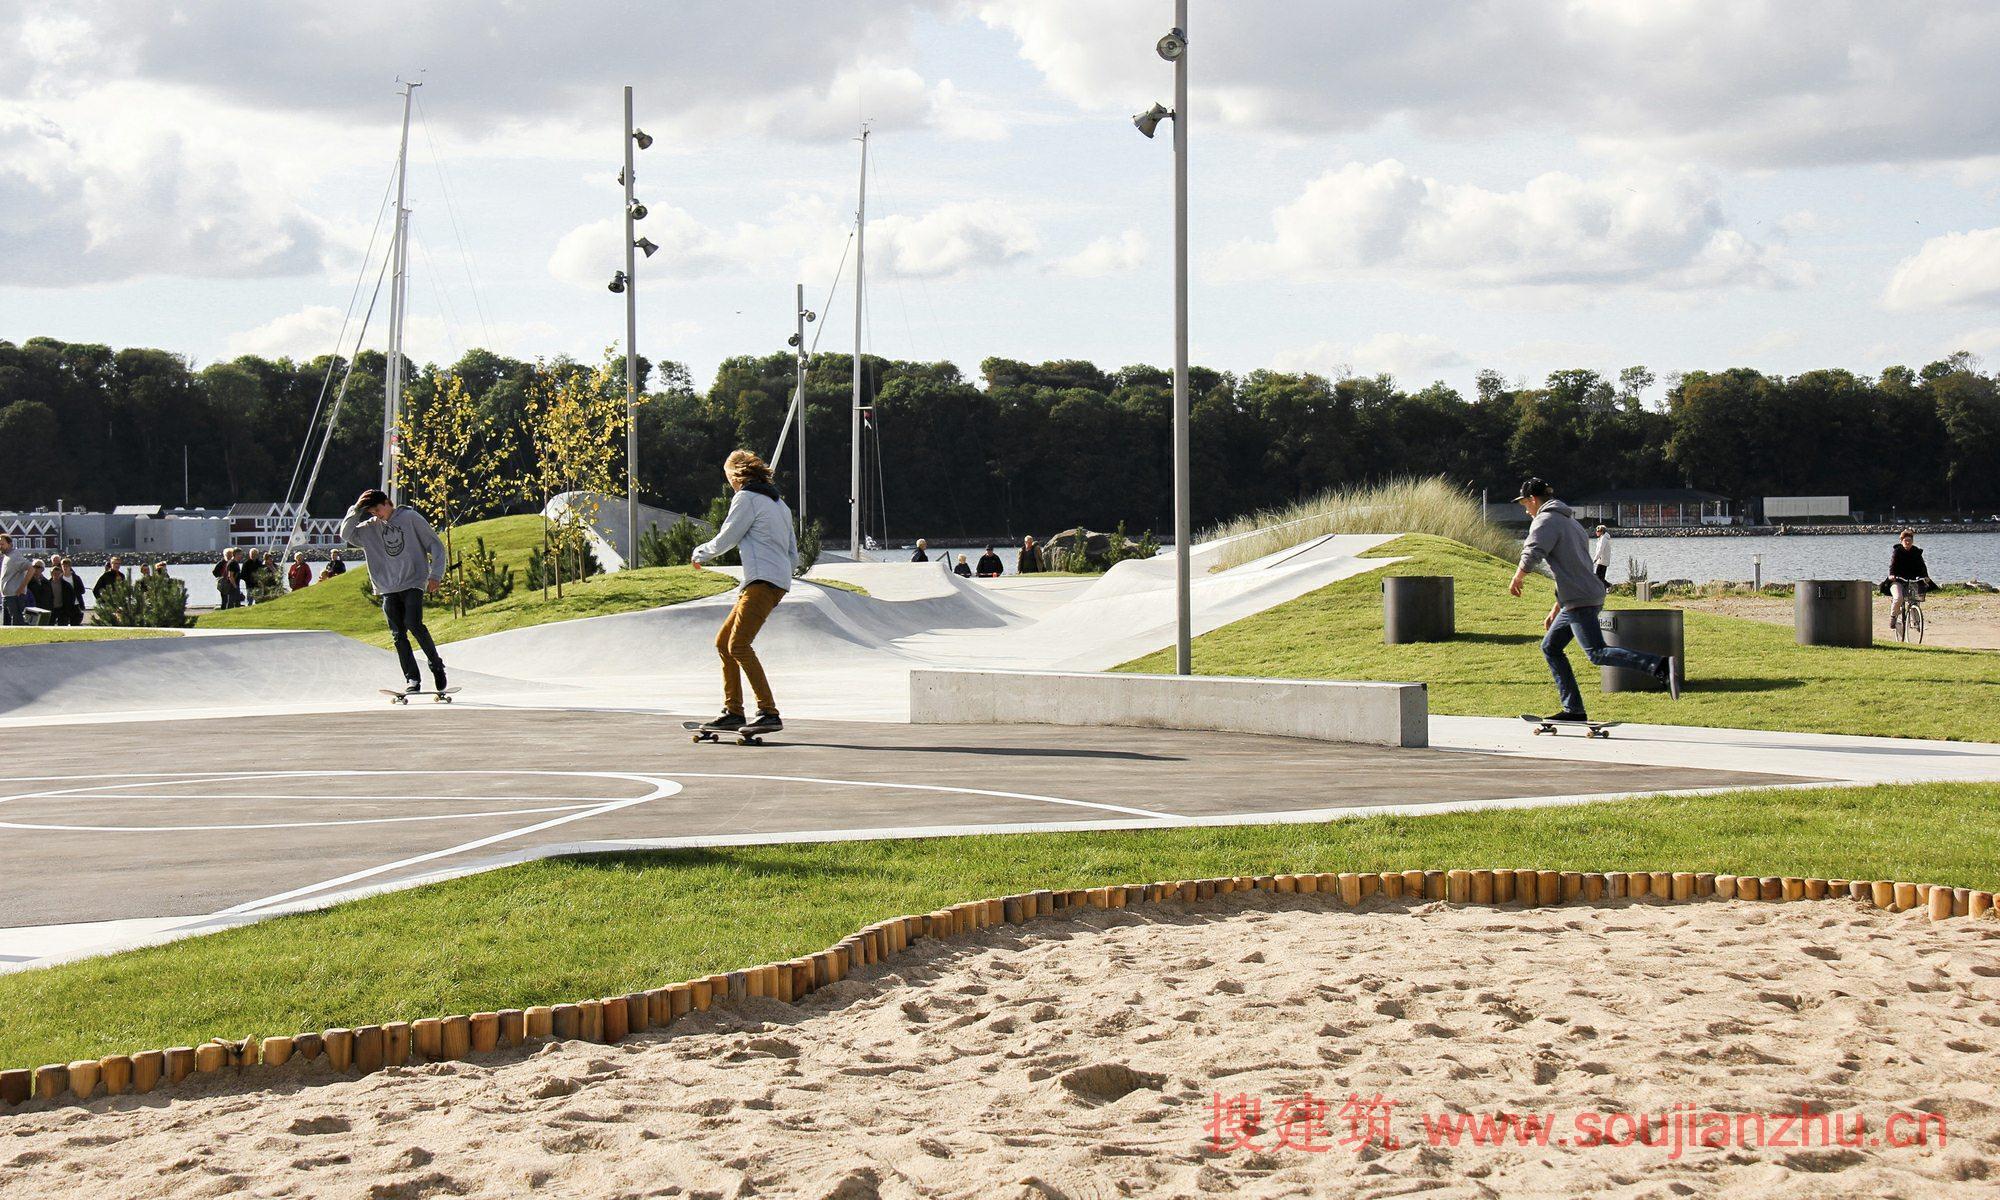 丹麦·lemvig滑板公园---effekt